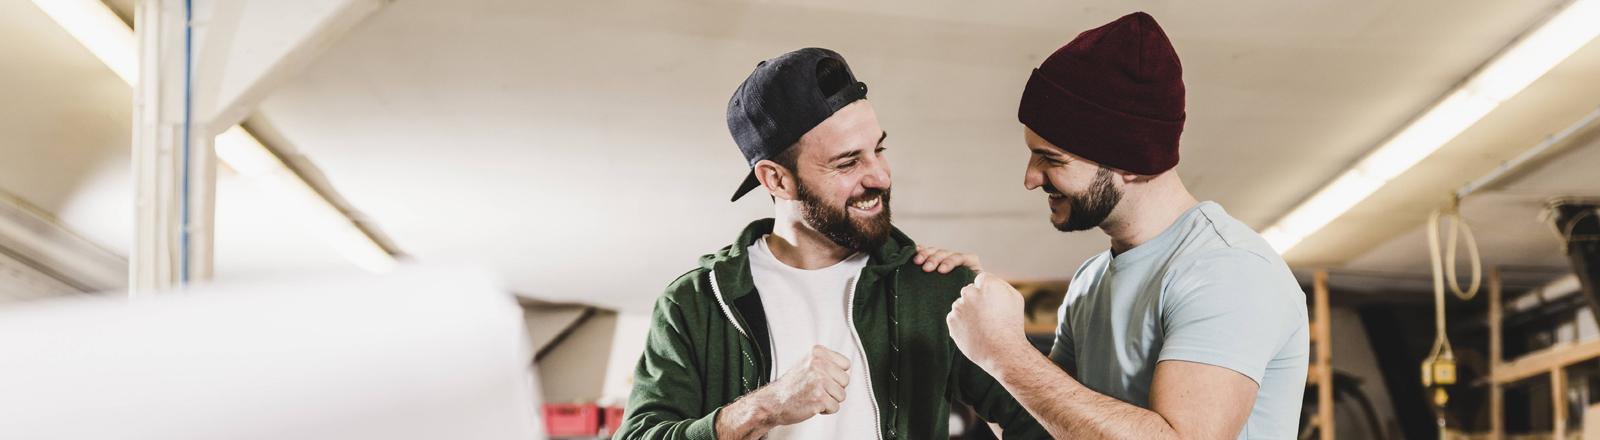 Zwei Typen: Einer legt dem anderen eine Hand auf die Schulter.